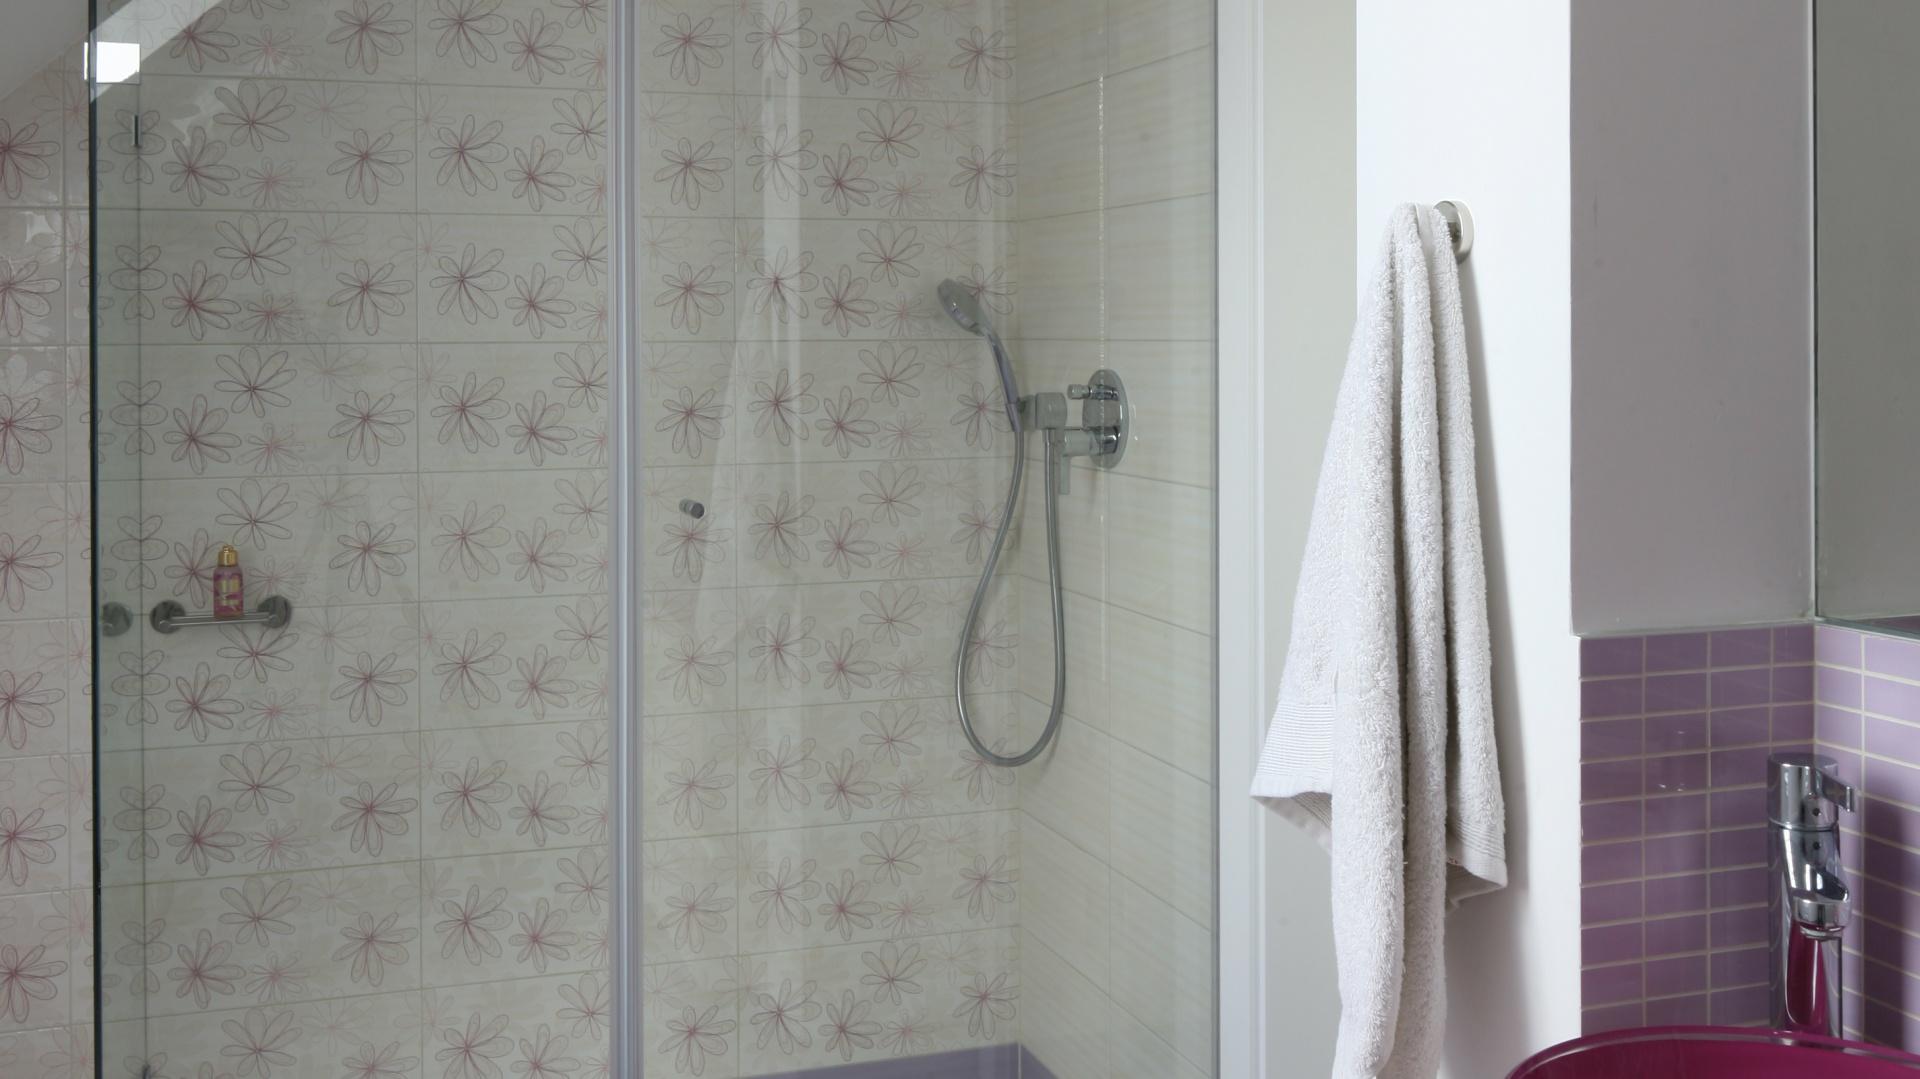 prysznice dla nastolatków mój słodki seks azjatycki